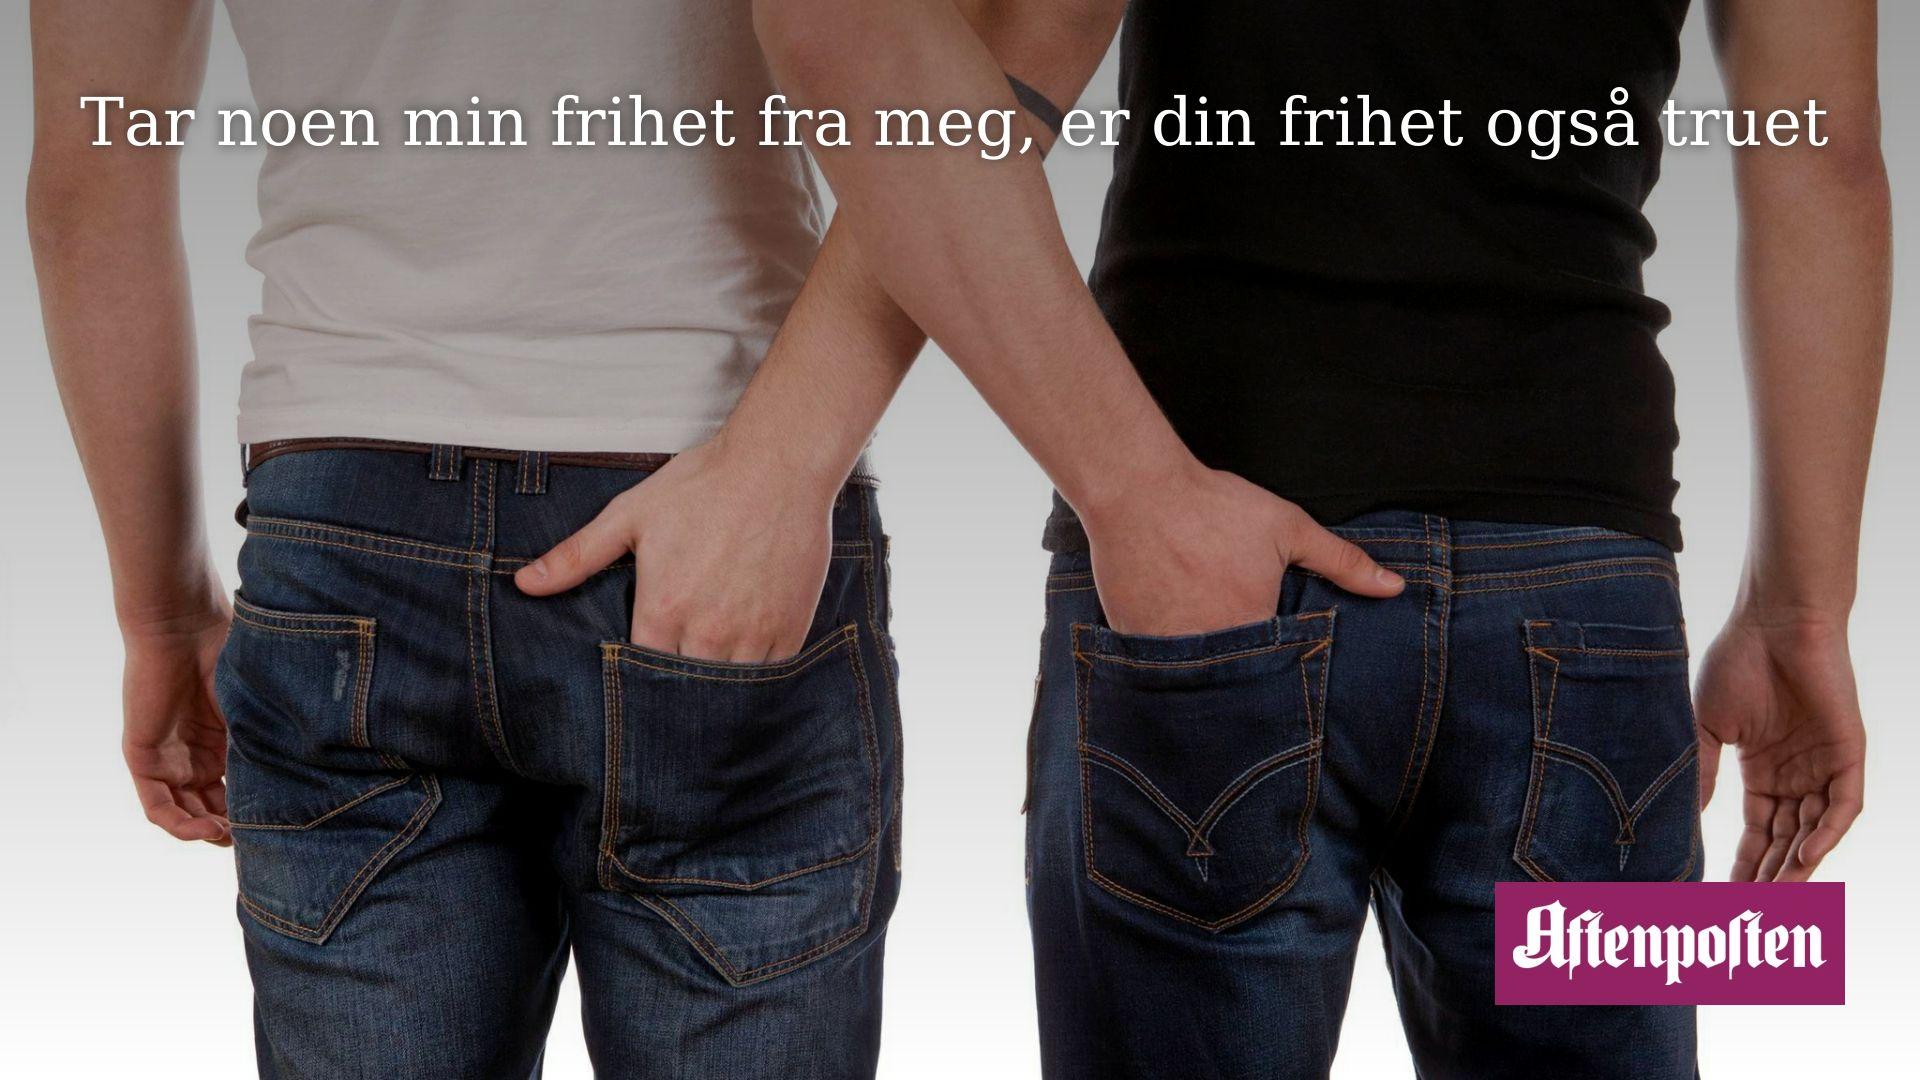 svart og hvit lesbiske kyss store titis videoer